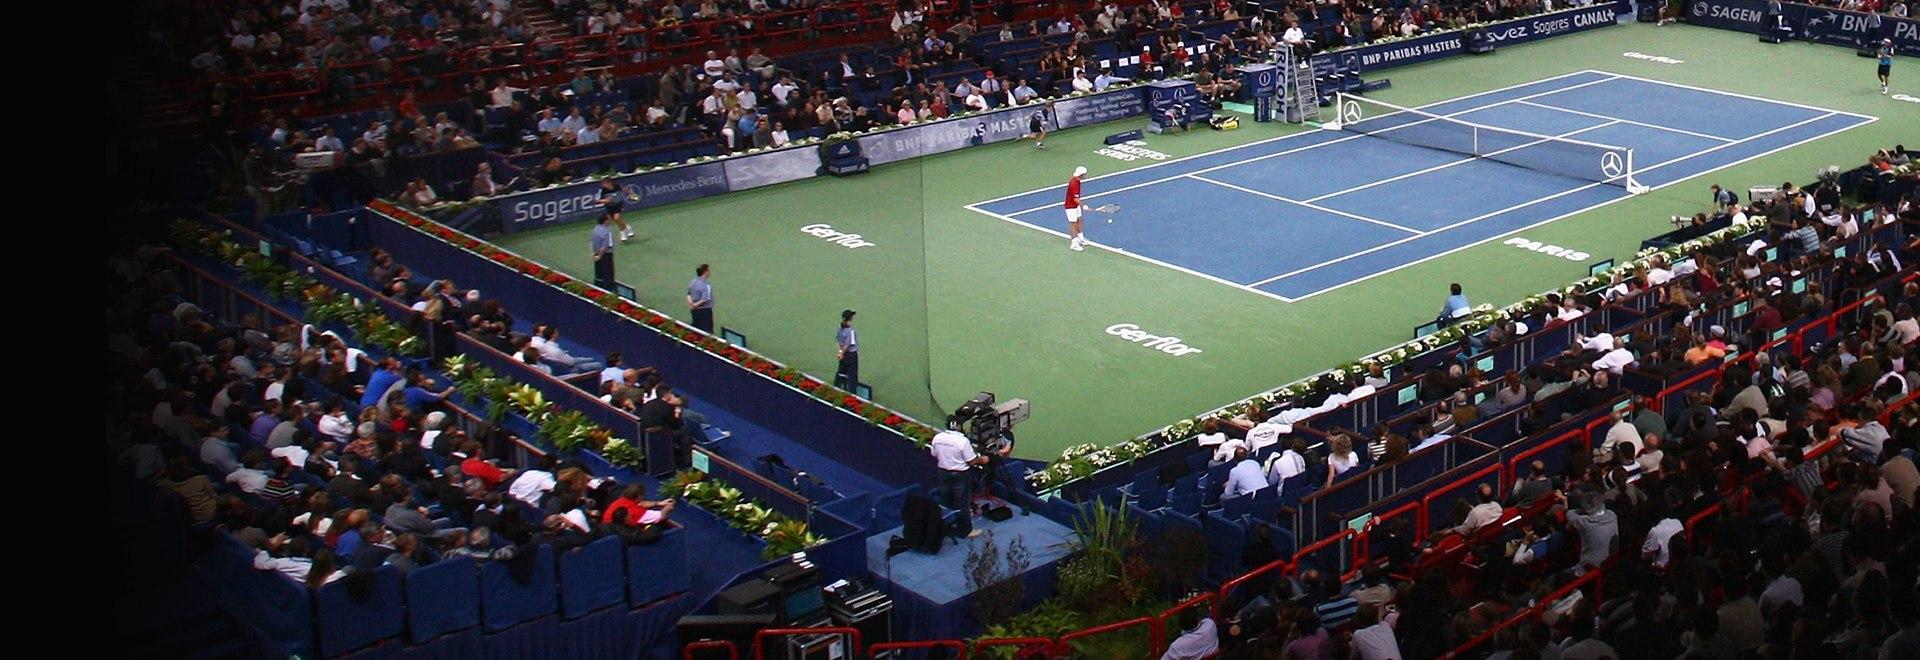 ATP Parigi 2011